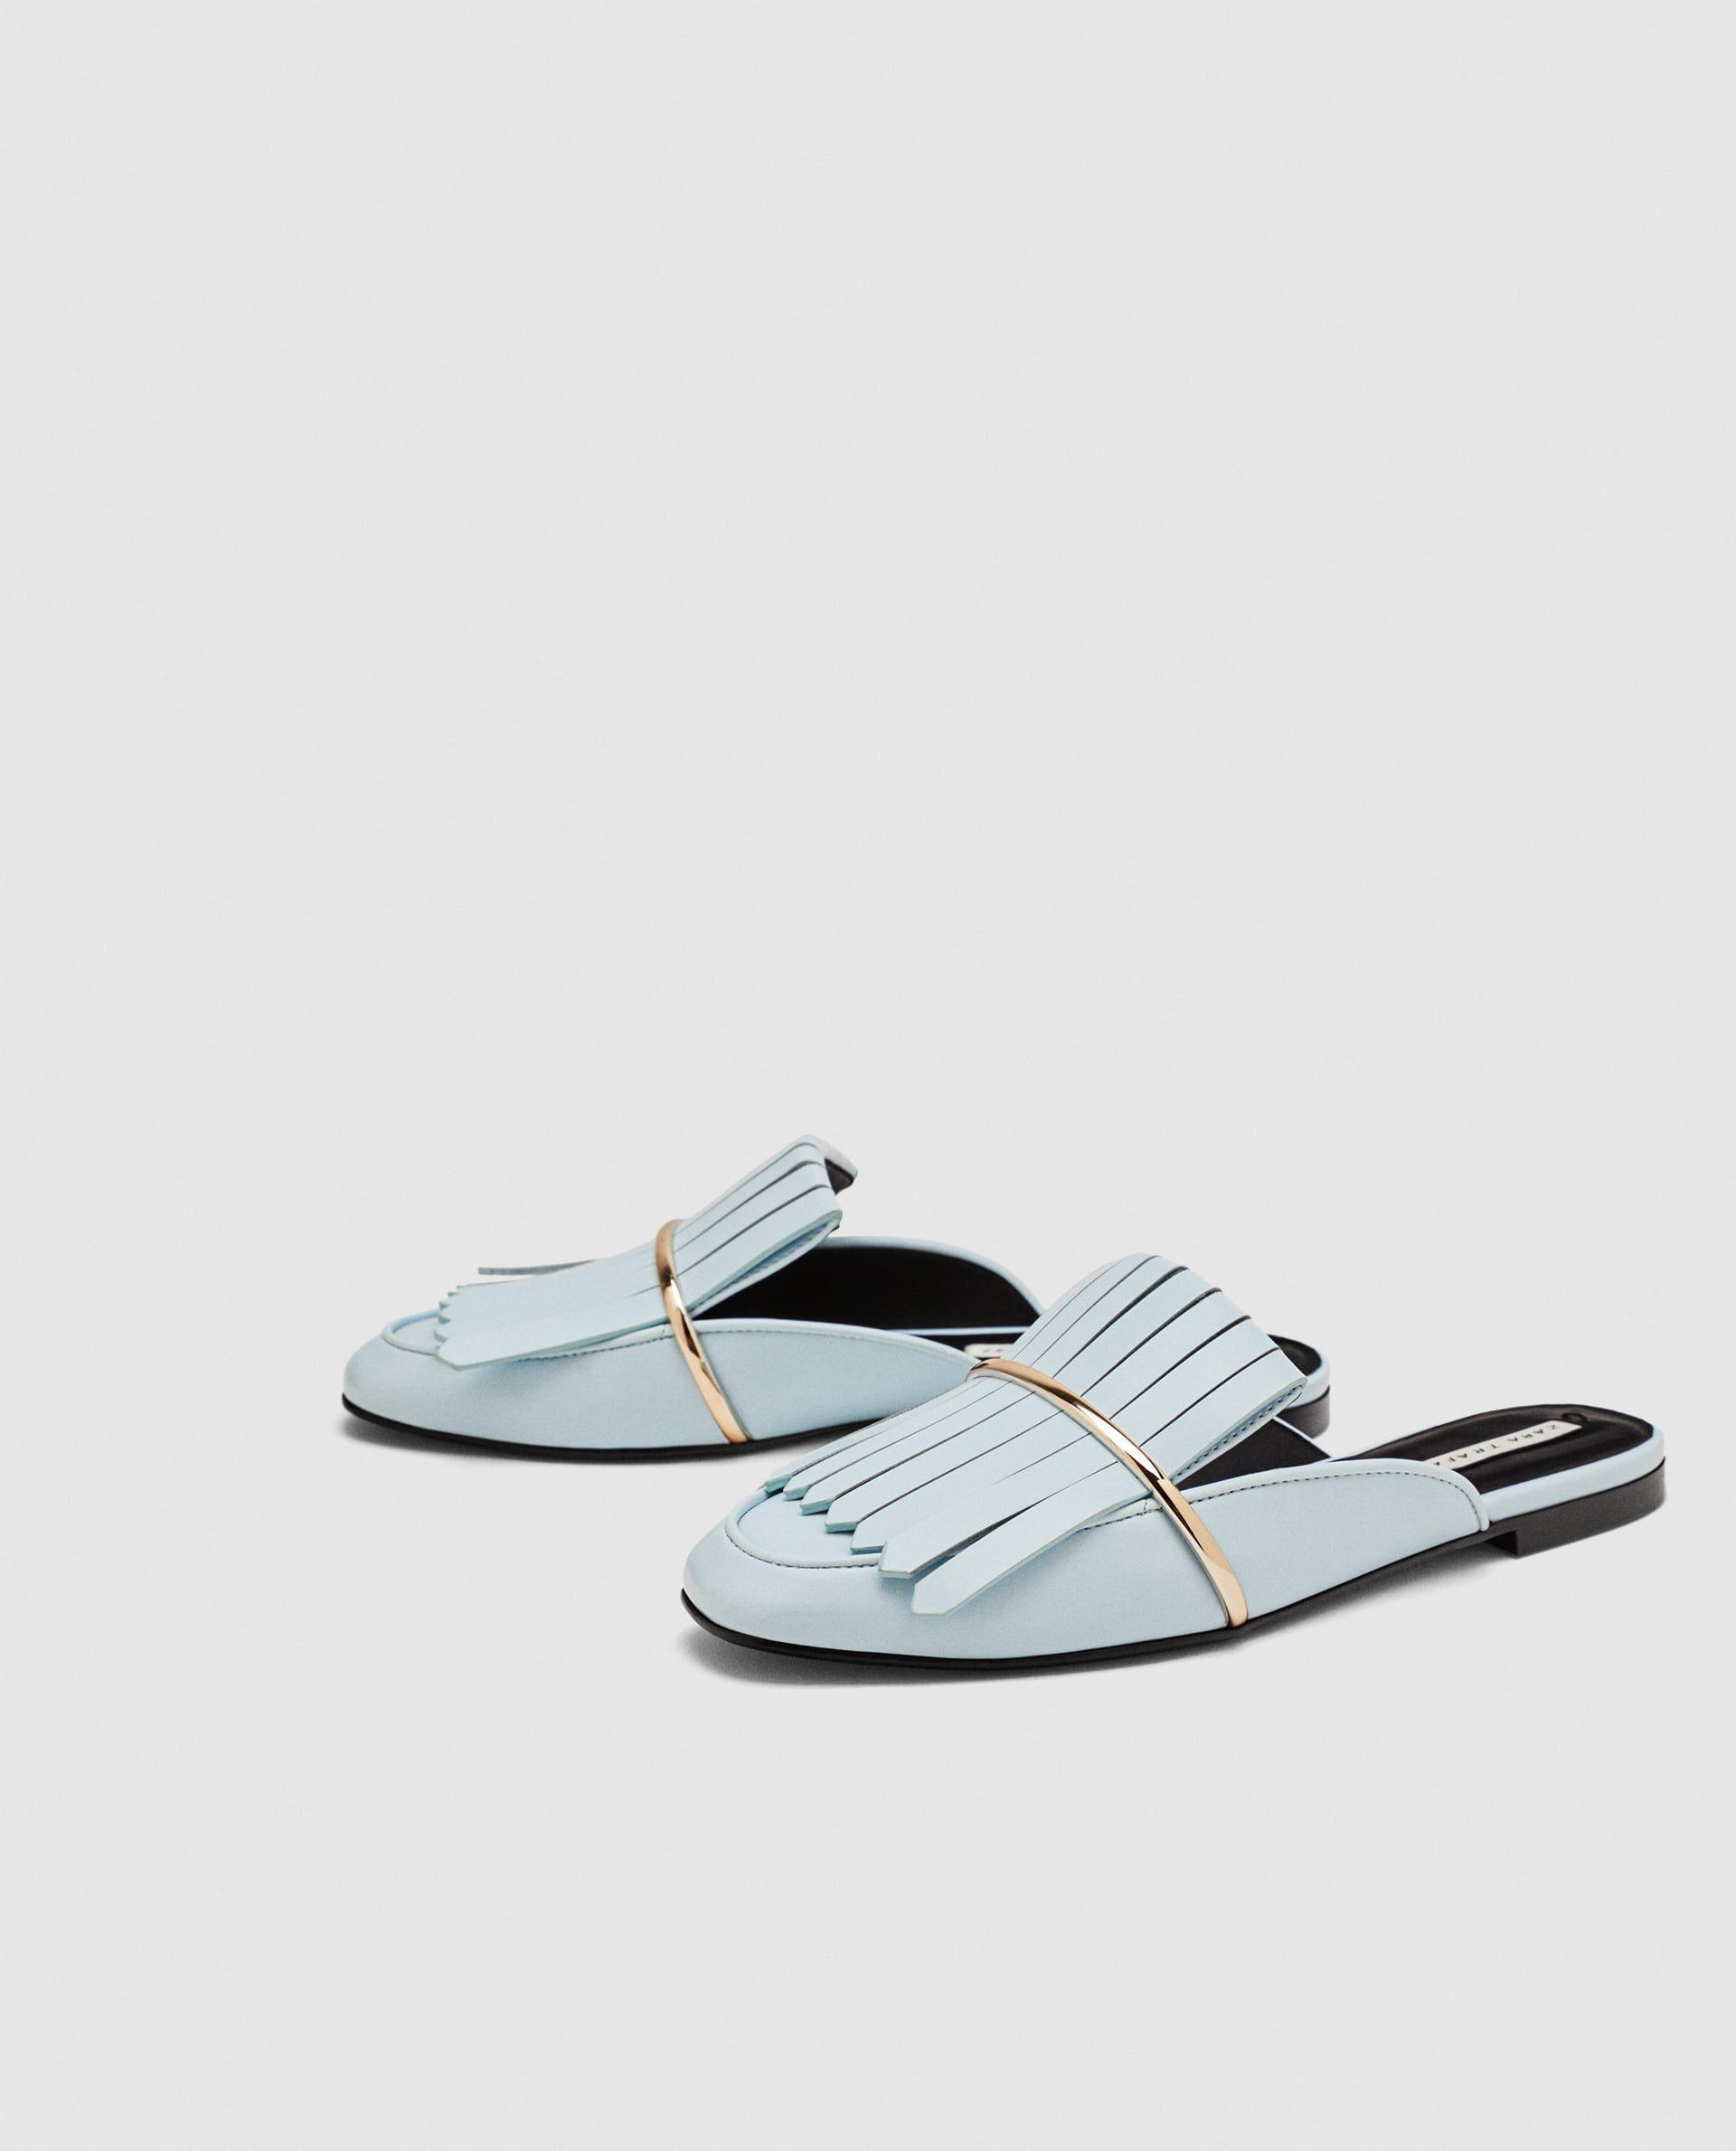 1f31e6bba48ec Nežné espadrilky, populárne mules či metalické sandále. Horúce trendy  dámskych topánok na leto 2018